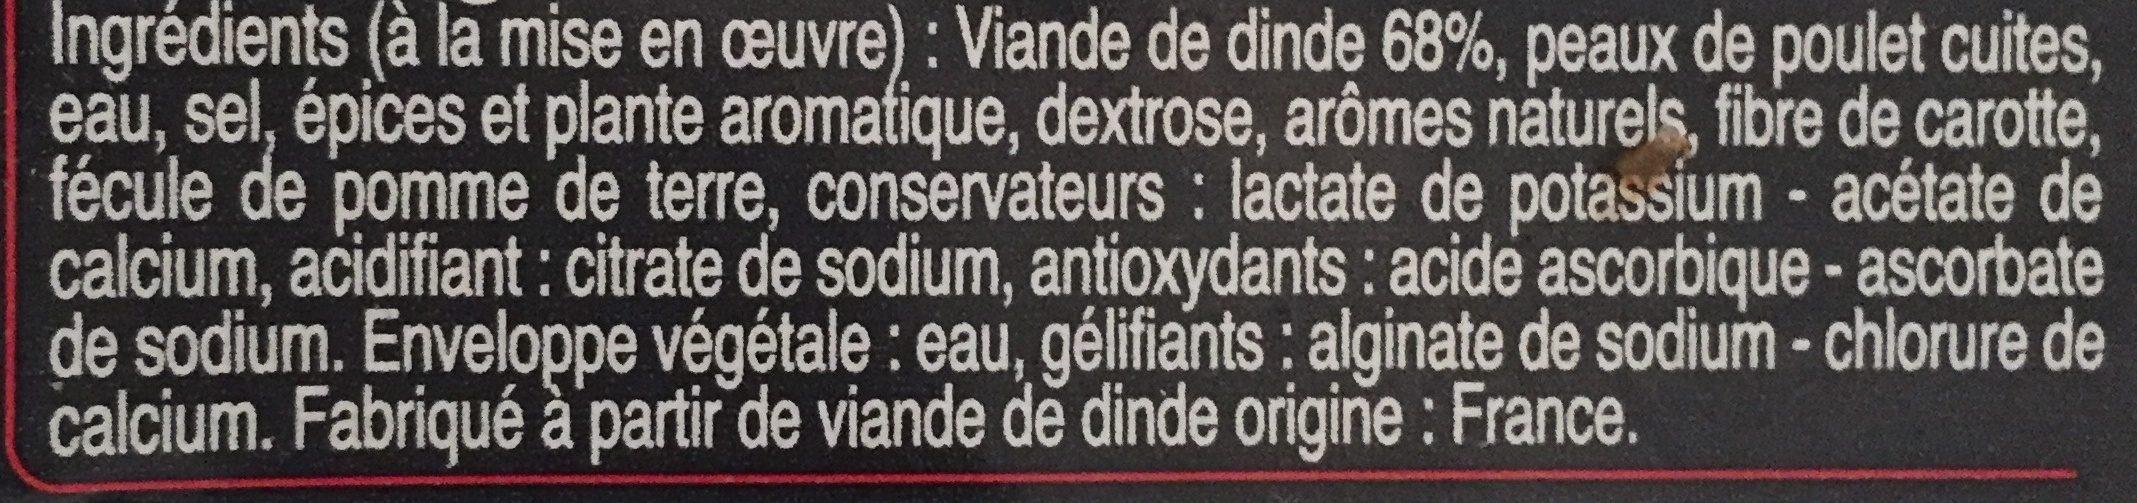 Merguez de volaille - Ingrédients - fr